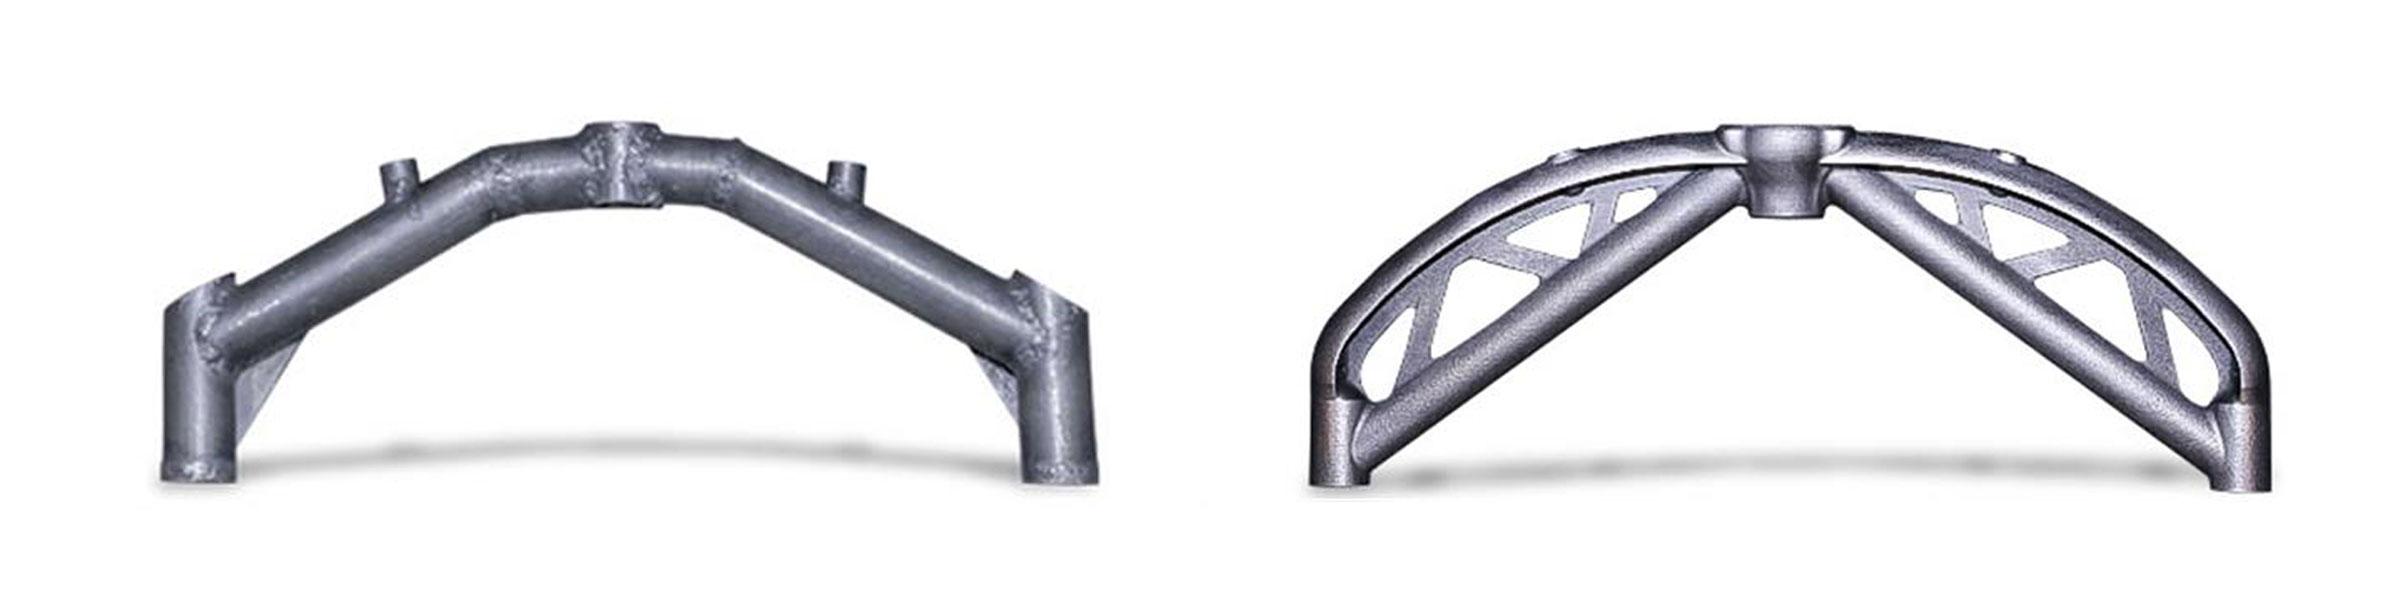 perno stampa 3D nella meccanica